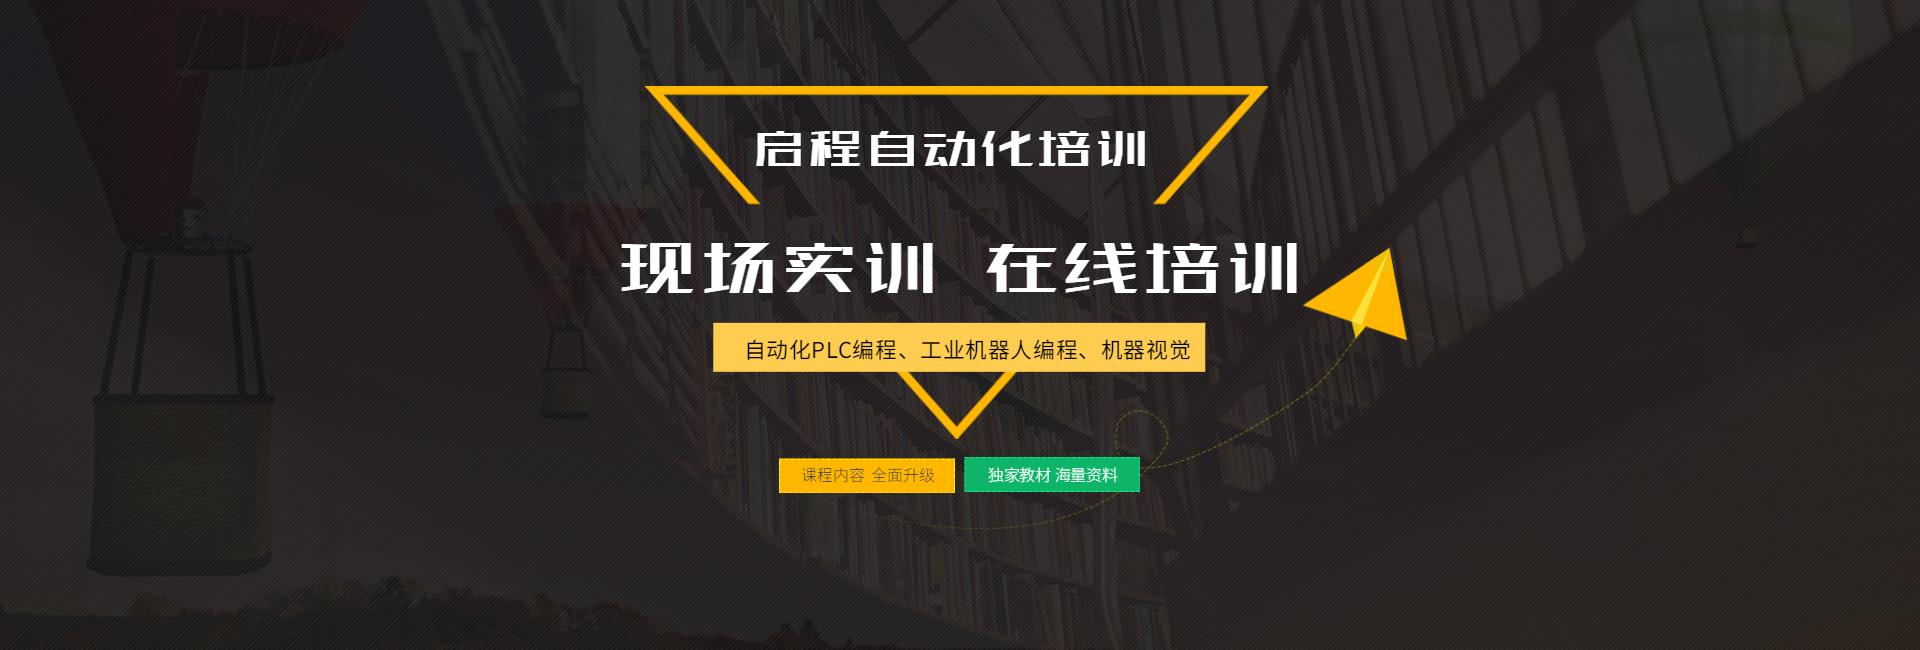 深圳市启程教育发展有限公司公司介绍